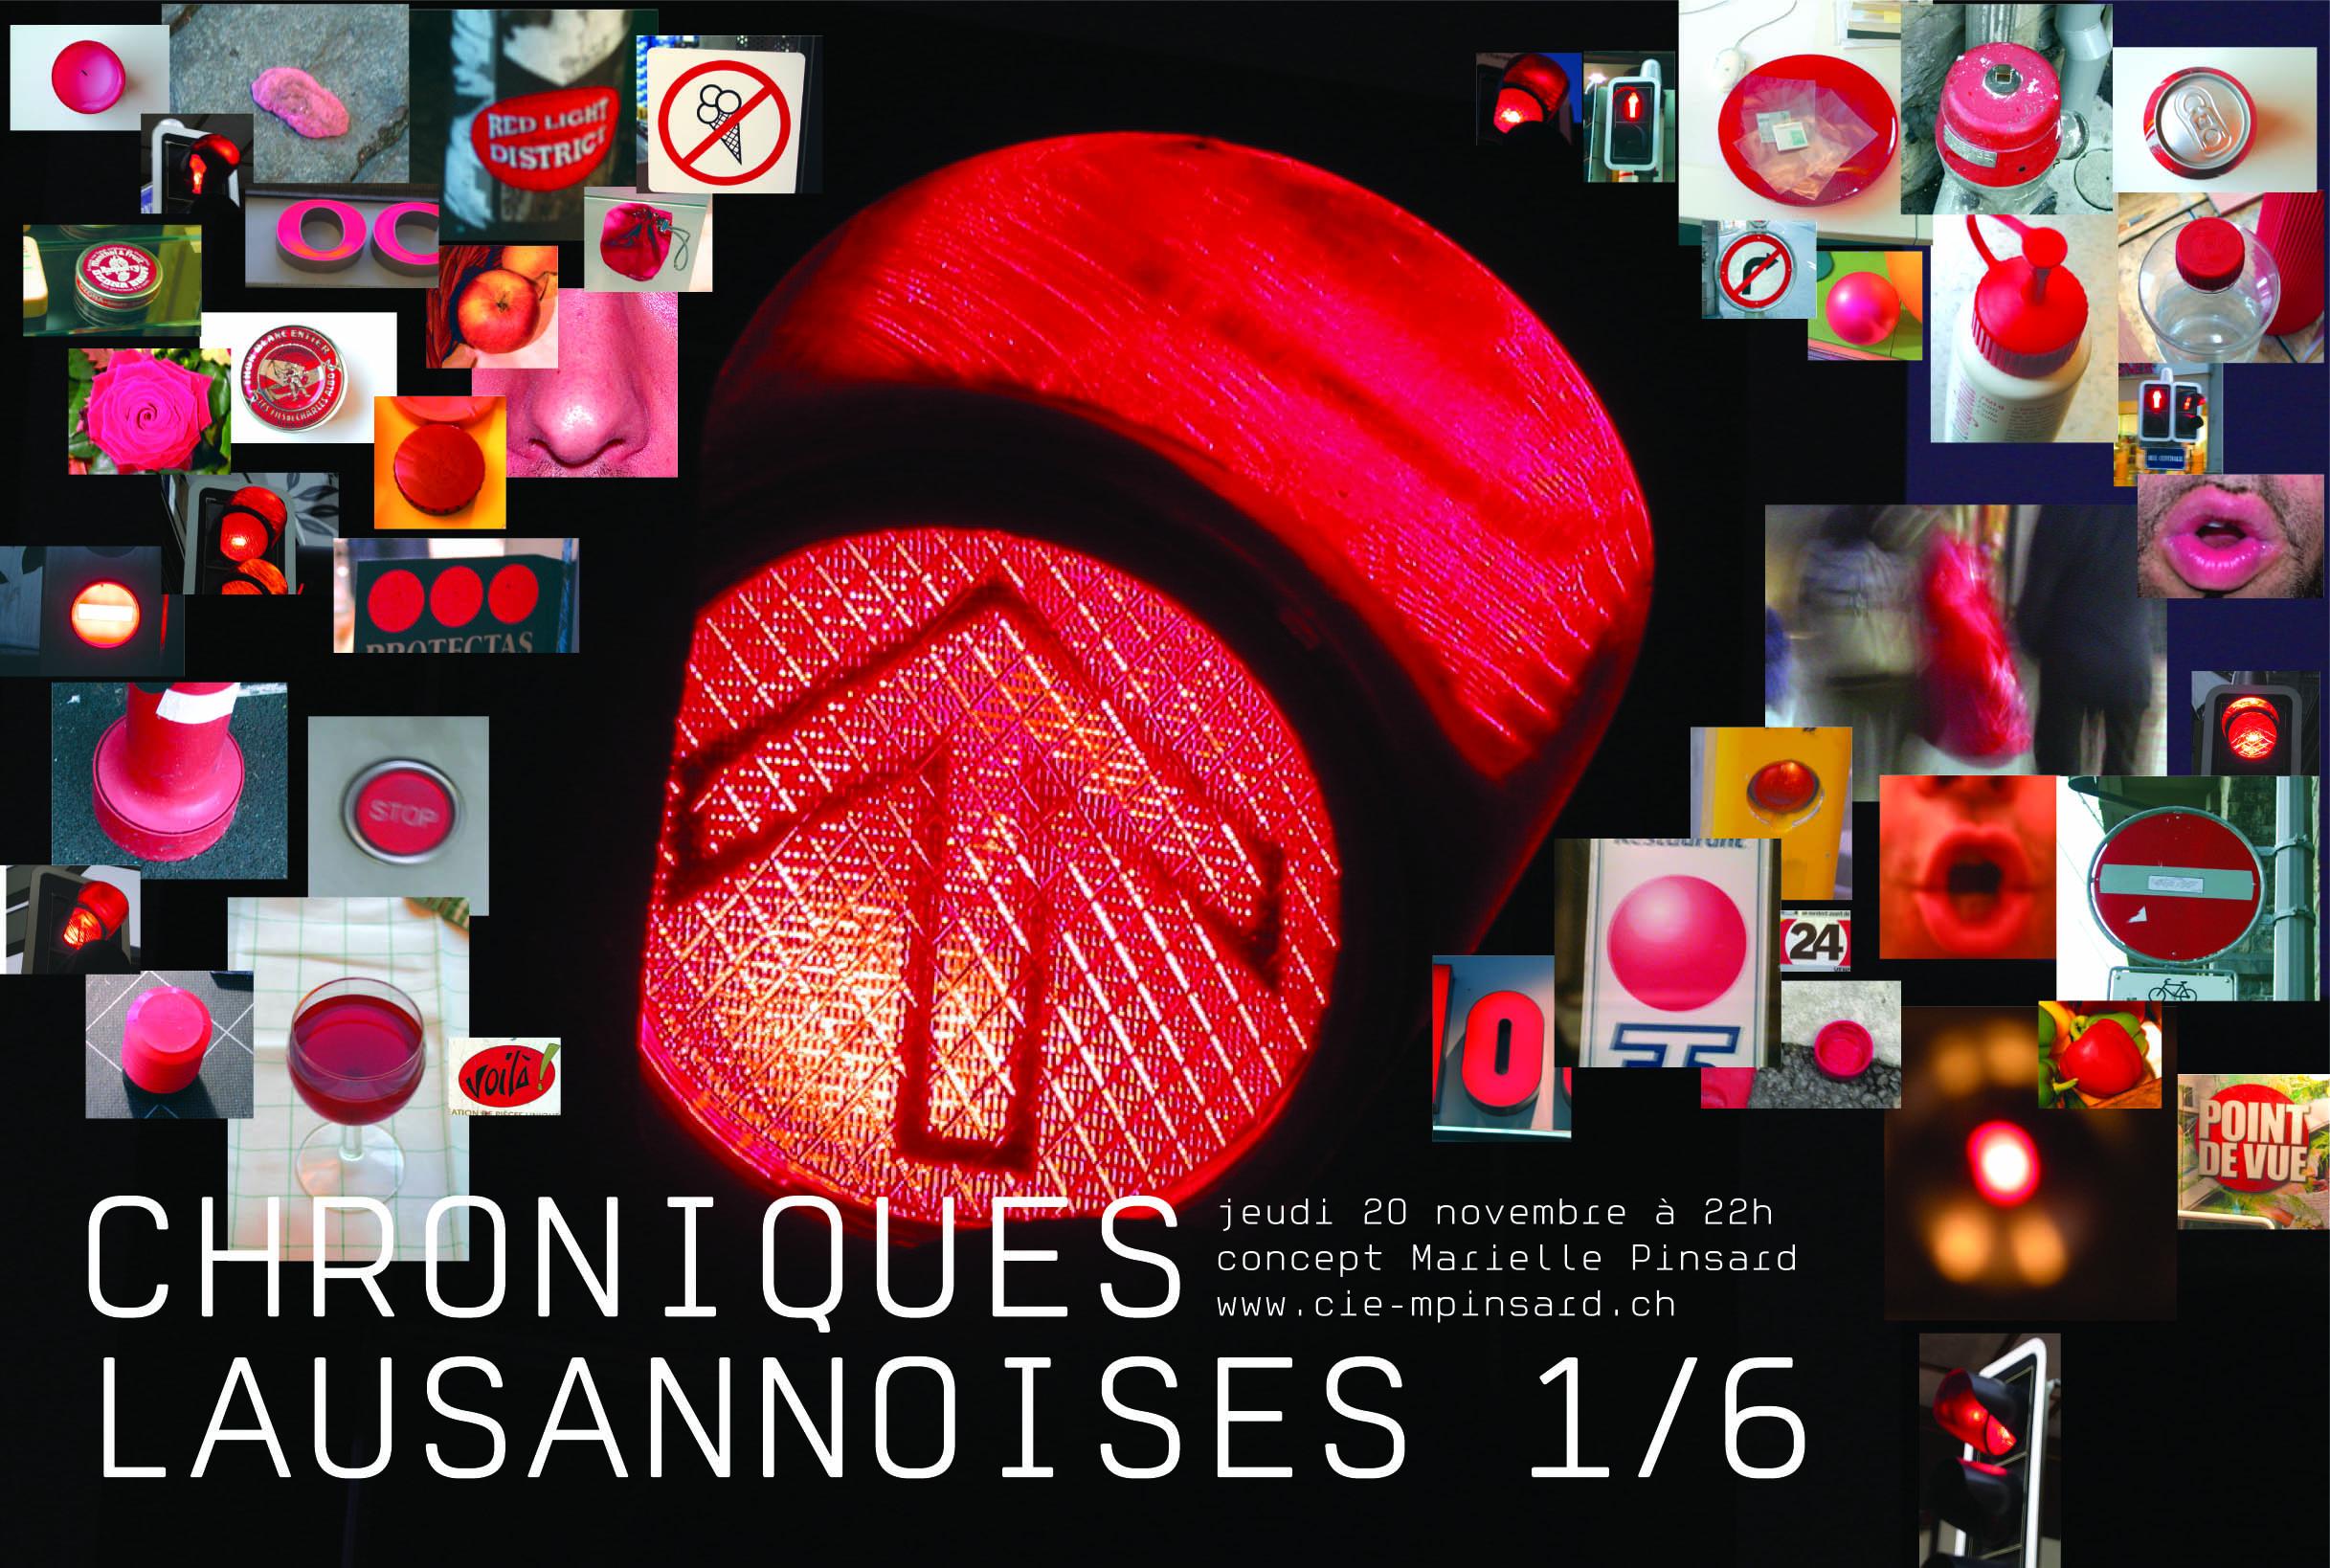 Chroniques Lausannoises Ou Quelque(s) Oreilles à Pinsard